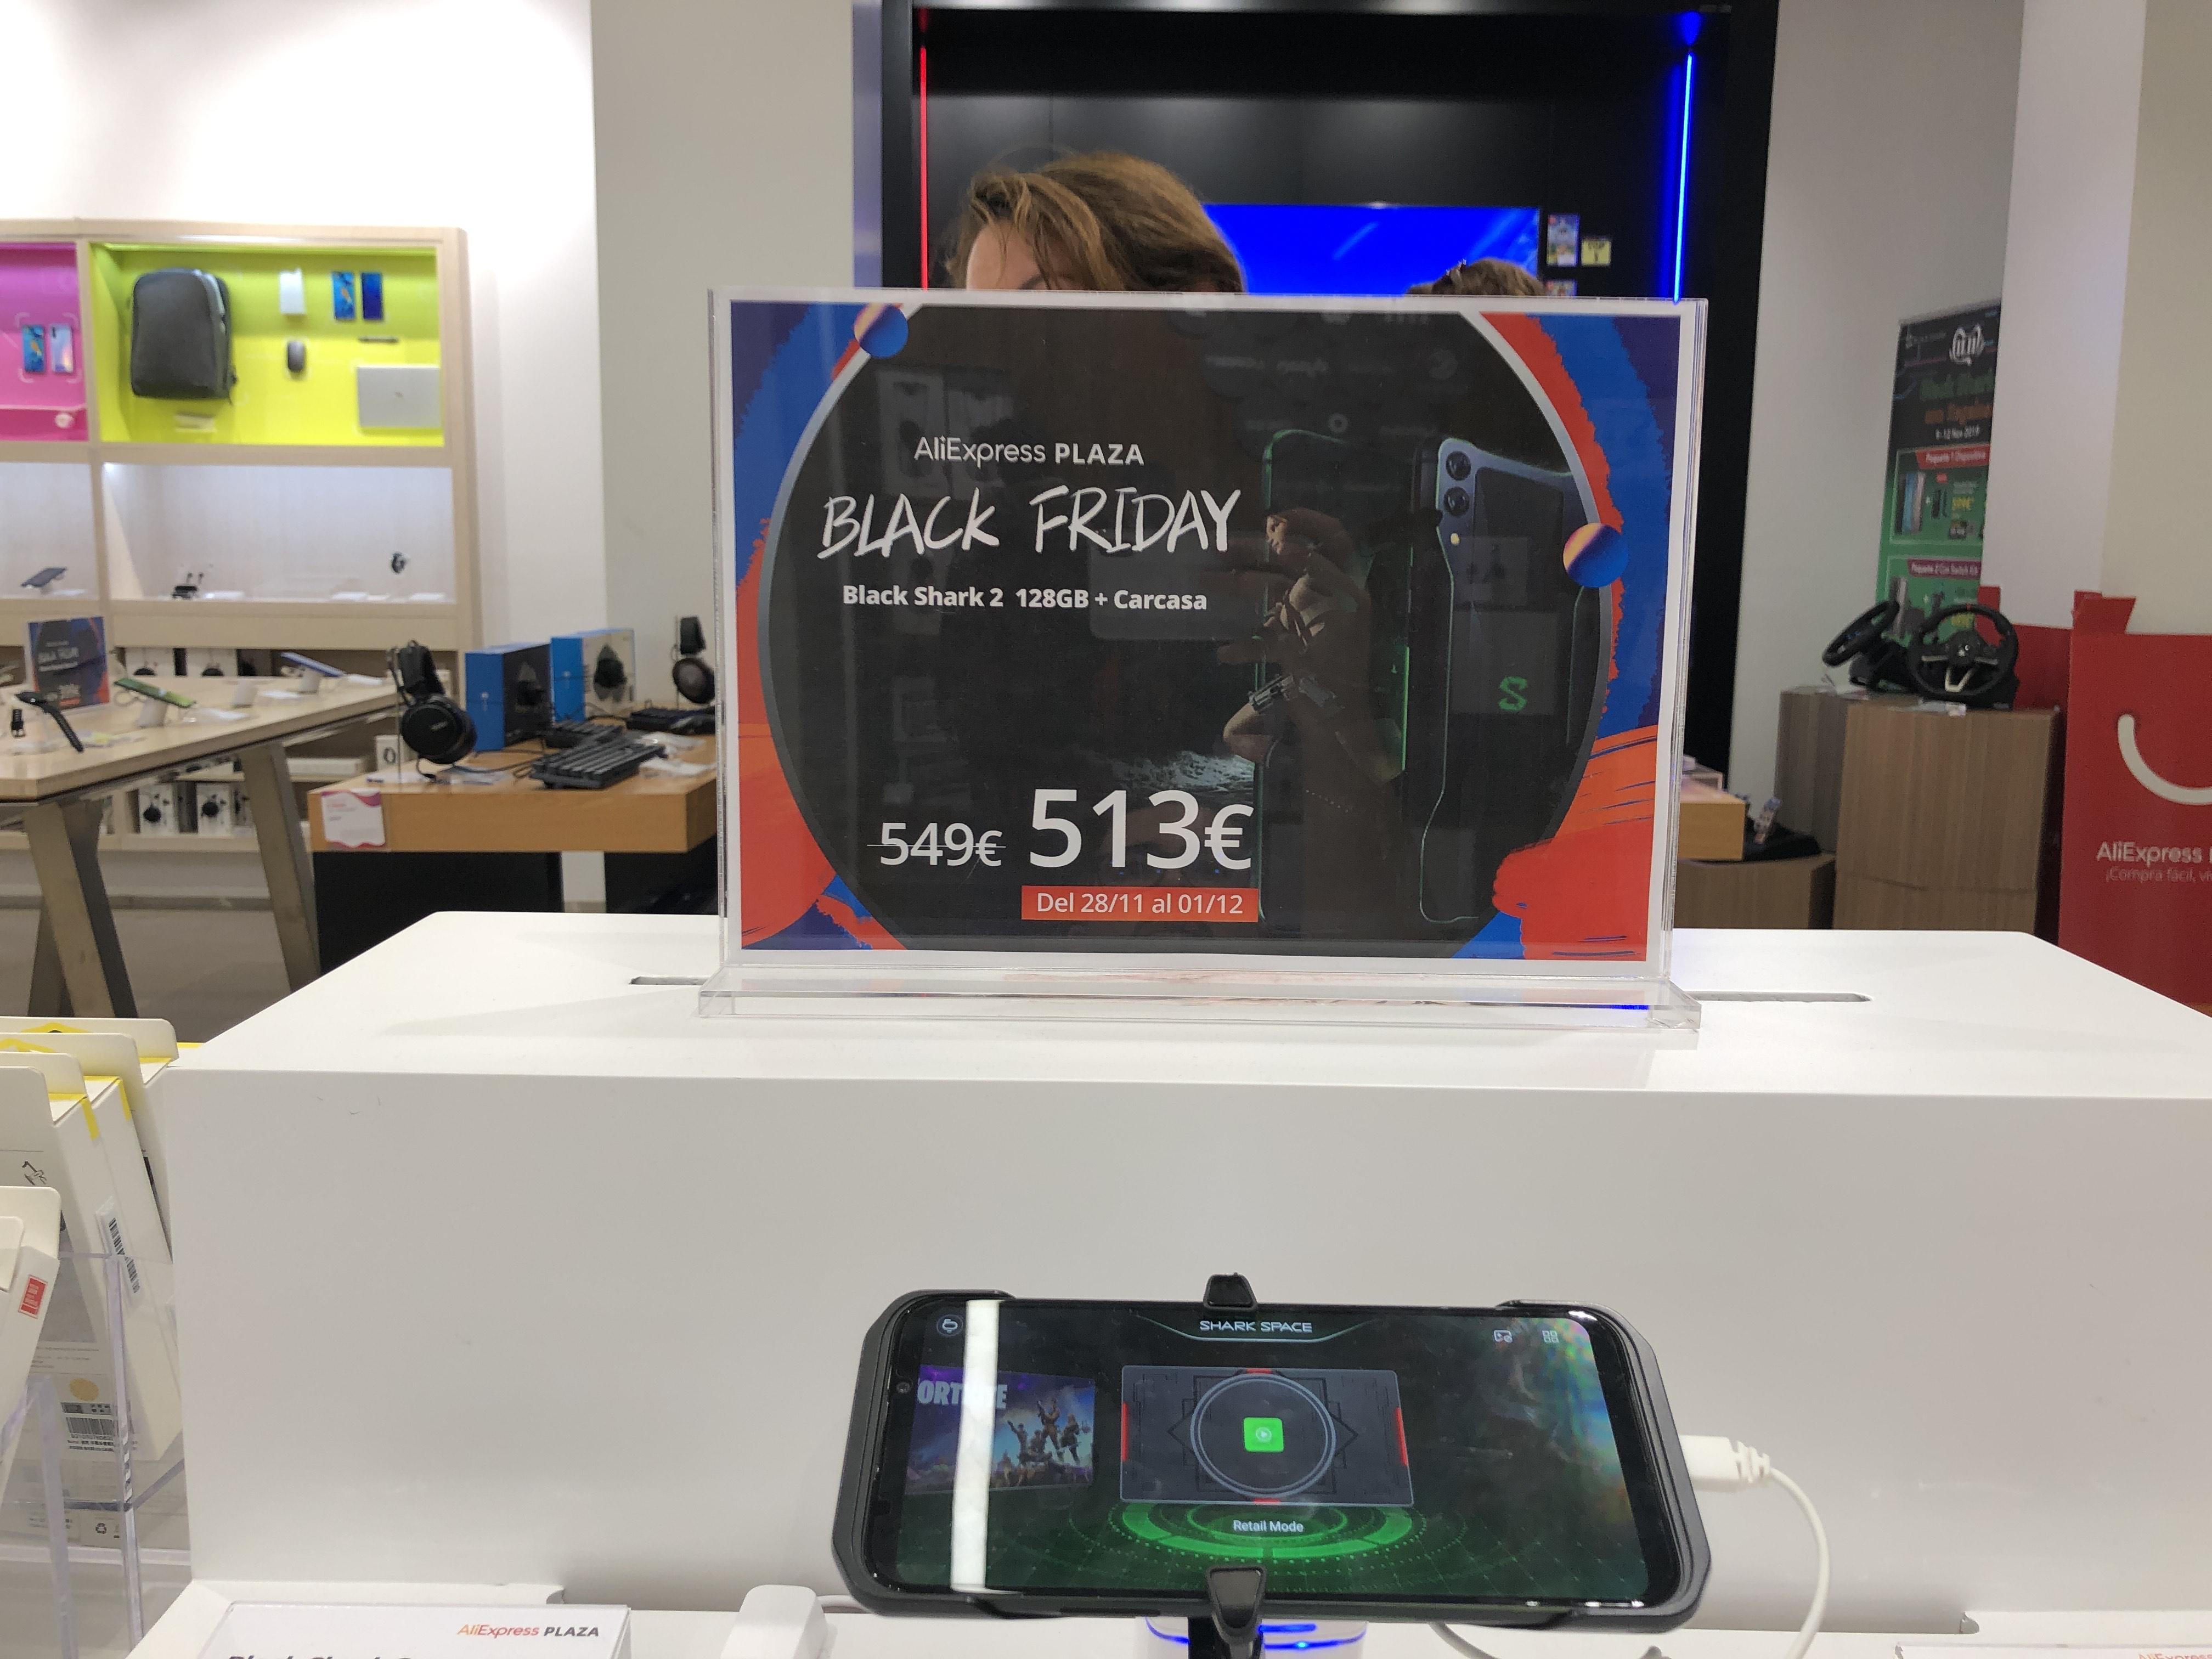 BlackShark 2 128gb + Carcasa